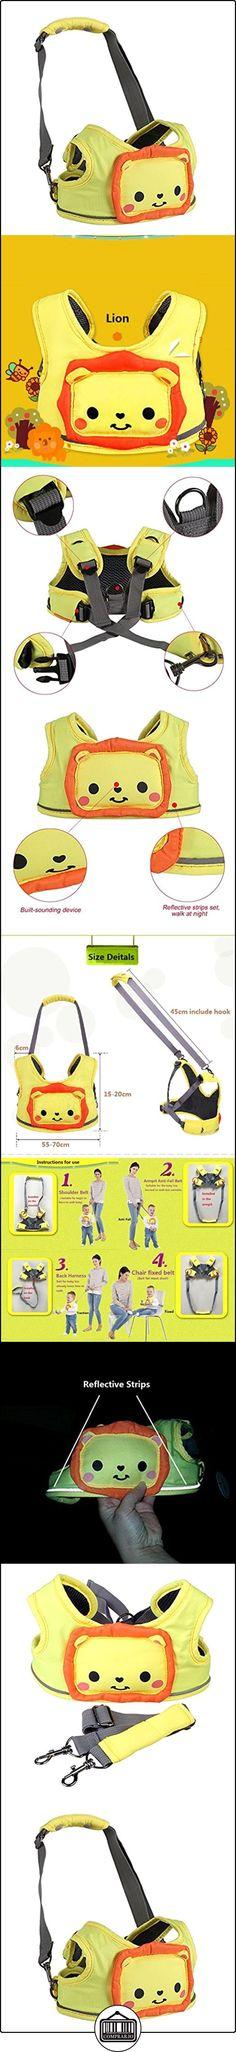 Arnés de seguridad para bebés - Animal de dibujos animados Arnés de seguridad para niños pequeños con tiras reflectantes, 3 en 1, la opción preferida de mamá  ✿ Seguridad para tu bebé - (Protege a tus hijos) ✿ ▬► Ver oferta: http://comprar.io/goto/B01N4870C2